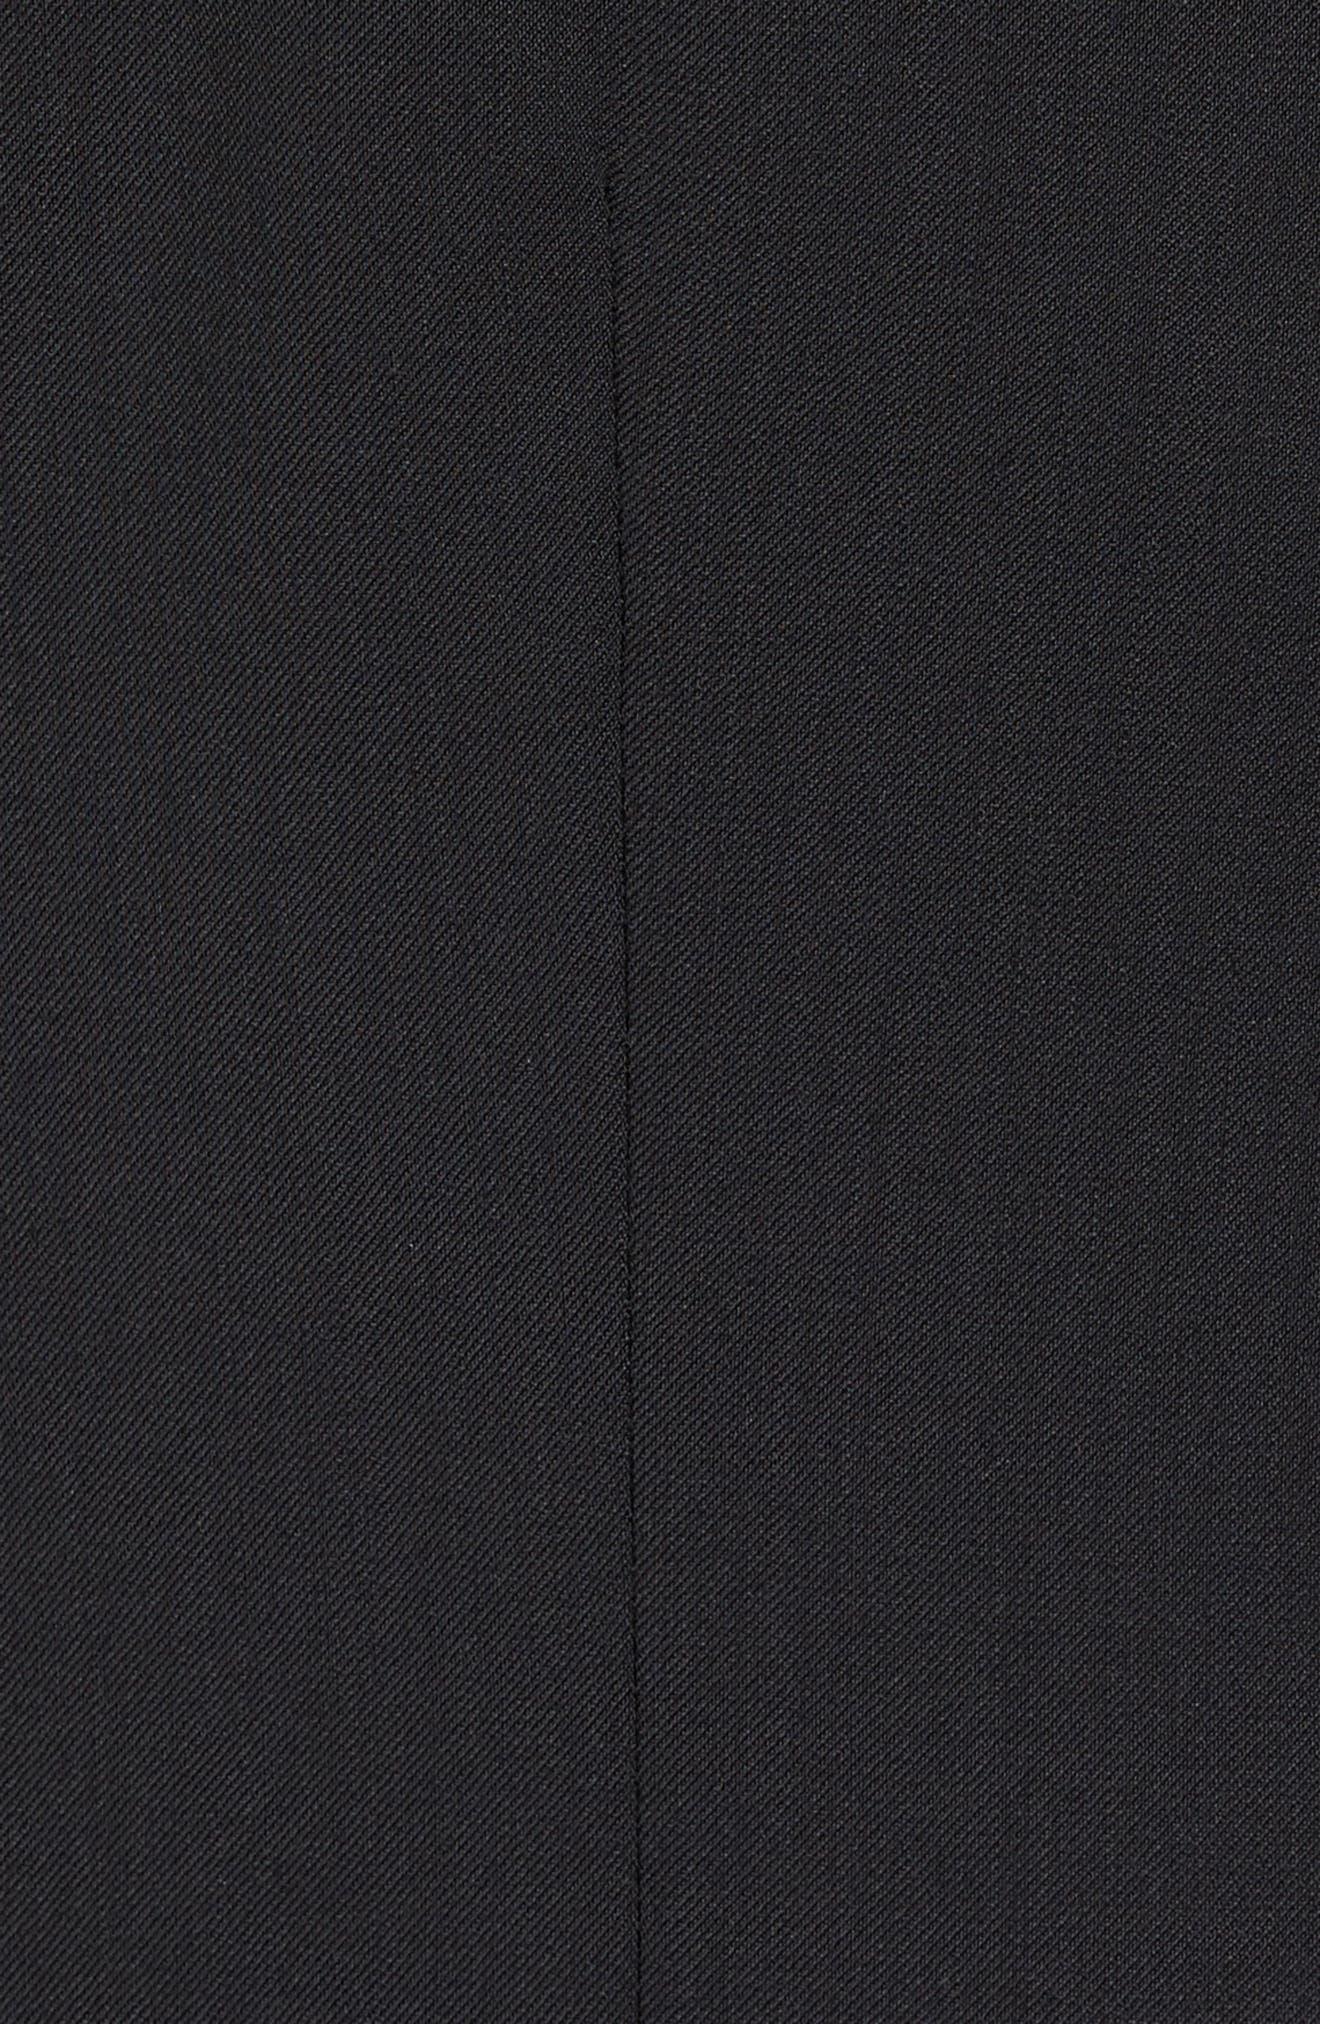 Jones Trim Fit Wool Vest,                             Alternate thumbnail 21, color,